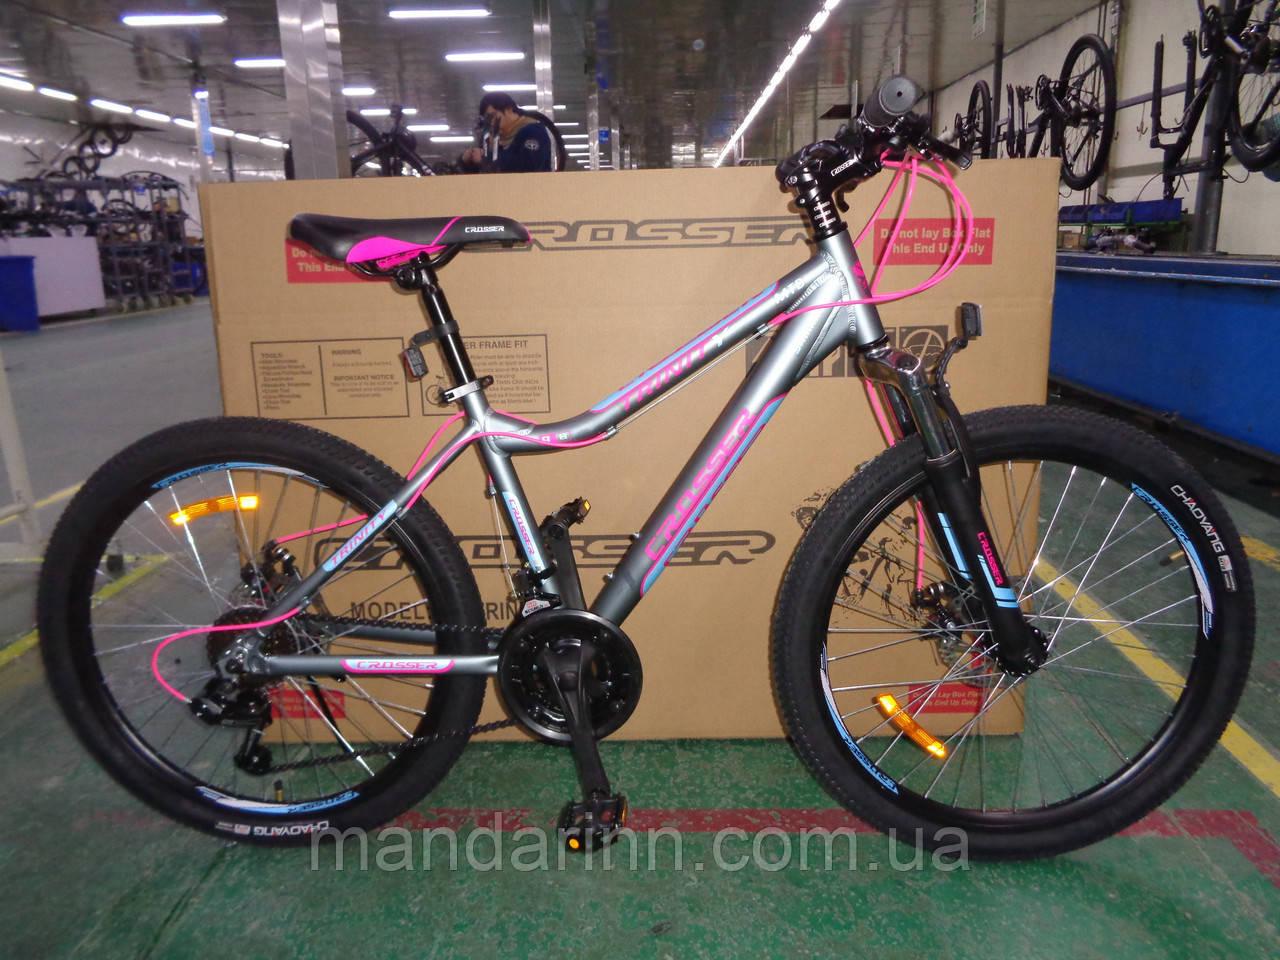 Спортивный Алюминиевый велосипед Crosser Trinity 24 дюйма. Белый.